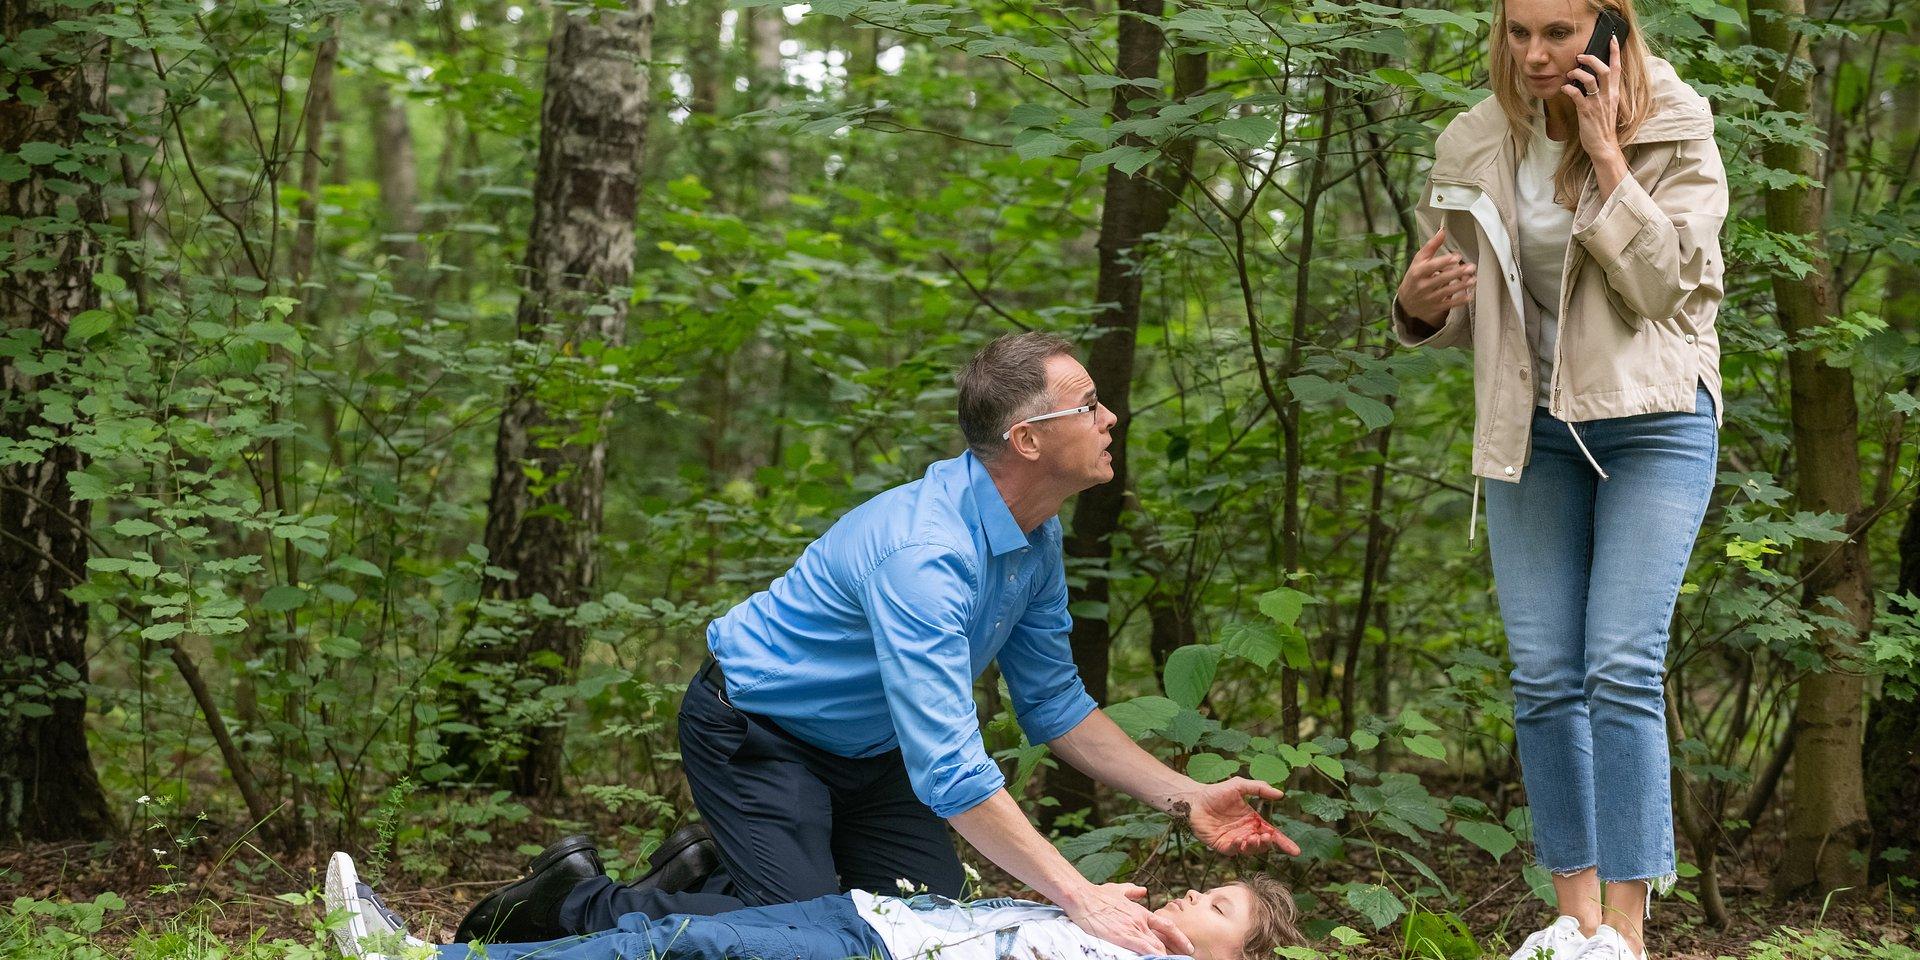 Na Wspólnej: Kajetan zostaje postrzelony – czy lekarze uratują chłopaka?!